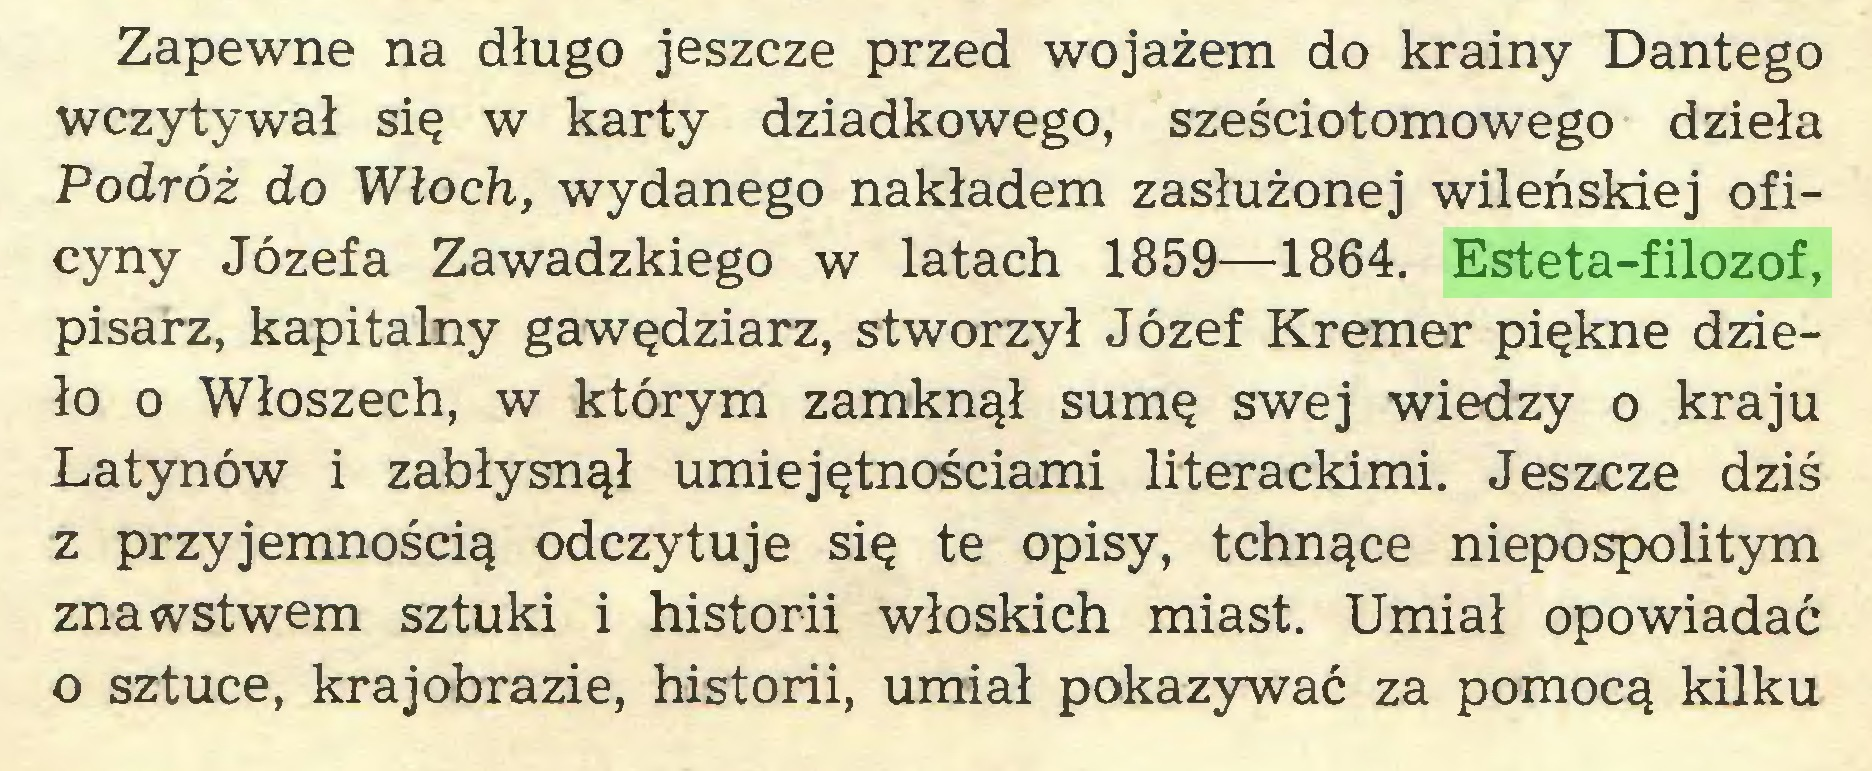 (...) Zapewne na długo jeszcze przed wojażem do krainy Dantego wczytywał się w karty dziadkowego, sześciotomowego dzieła Podróż do Włoch, wydanego nakładem zasłużonej wileńskiej oficyny Józefa Zawadzkiego w latach 1859—1864. Esteta-filozof, pisarz, kapitalny gawędziarz, stworzył Józef Kremer piękne dzieło o Włoszech, w którym zamknął sumę swej wiedzy o kraju Latynów i zabłysnął umiejętnościami literackimi. Jeszcze dziś z przyjemnością odczytuje się te opisy, tchnące niepospolitym znawstwem sztuki i historii włoskich miast. Umiał opowiadać o sztuce, krajobrazie, historii, umiał pokazywać za pomocą kilku...